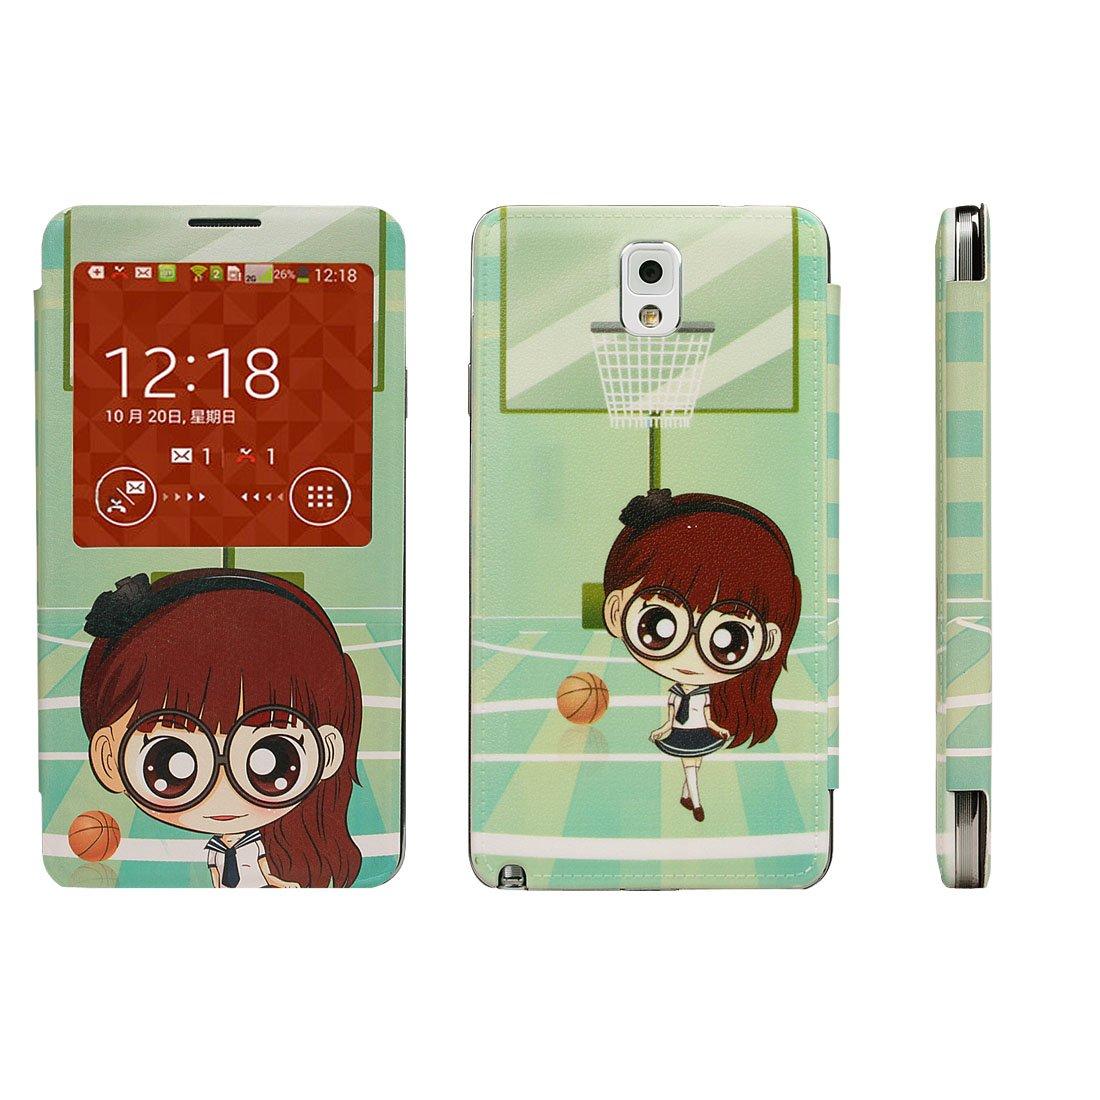 yidaou 意达欧 三星note3手机套 三星n9008手机保护套